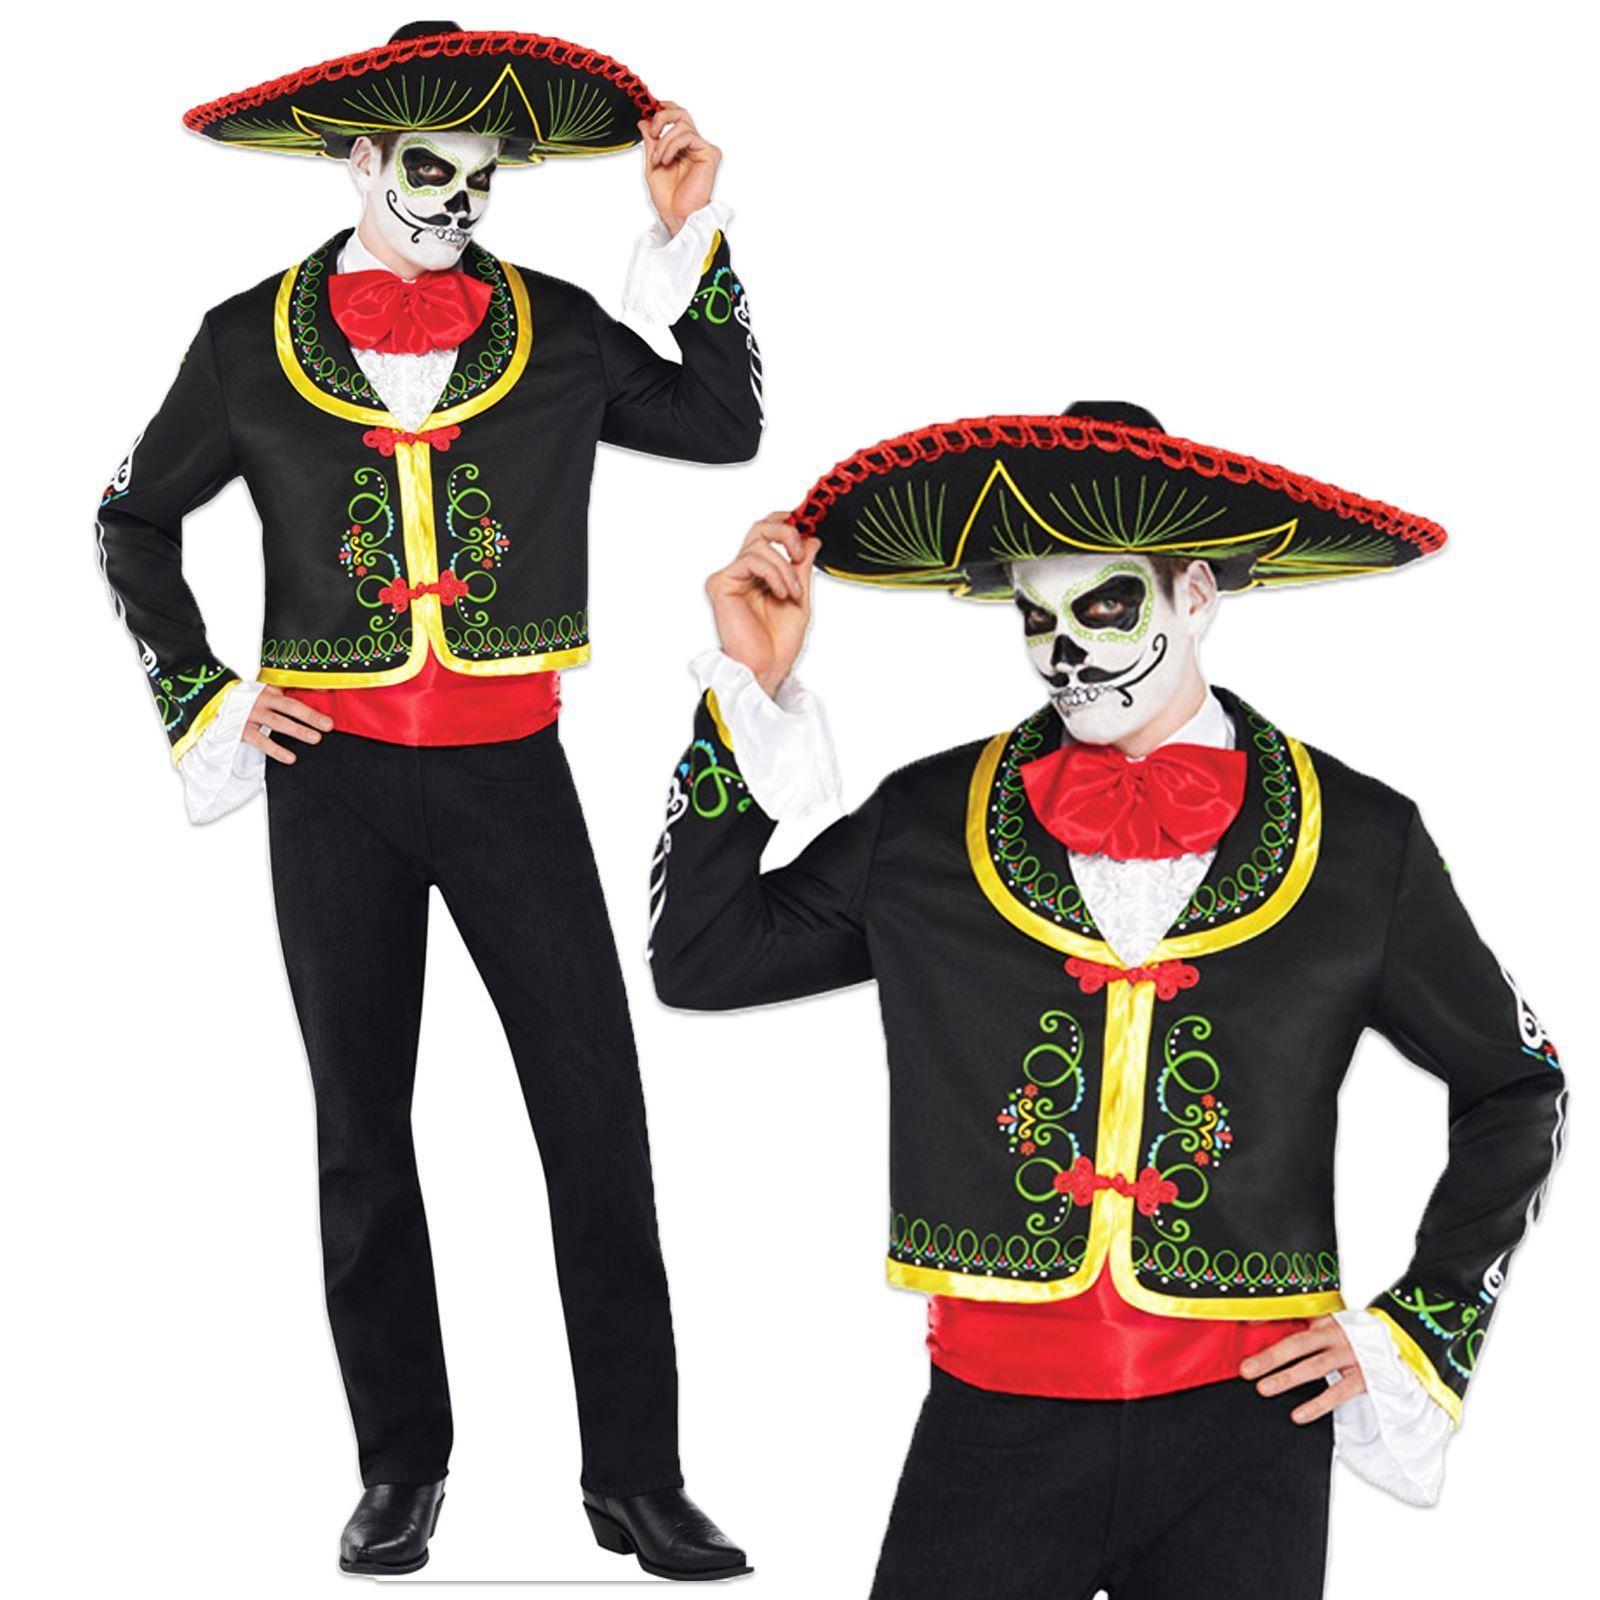 dd3629350 Día de lo muertos azúcar cráneo mexicano esqueleto fiesta traje disfraz